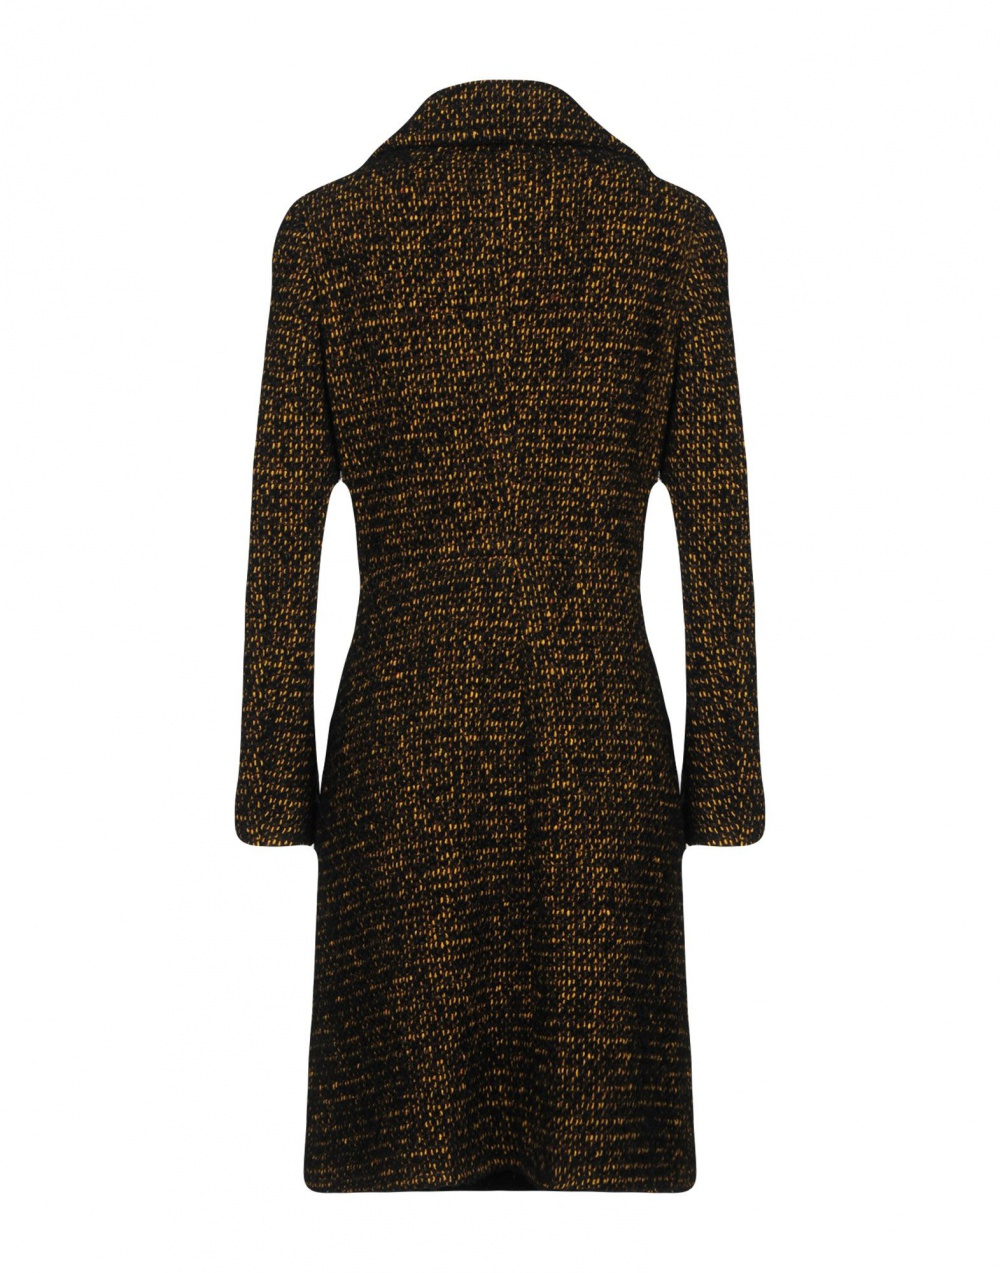 Пальто PHILOSOPHY di LORENZO SERAFINI,   42 (Российский размер)  дизайнер:40 (IT)